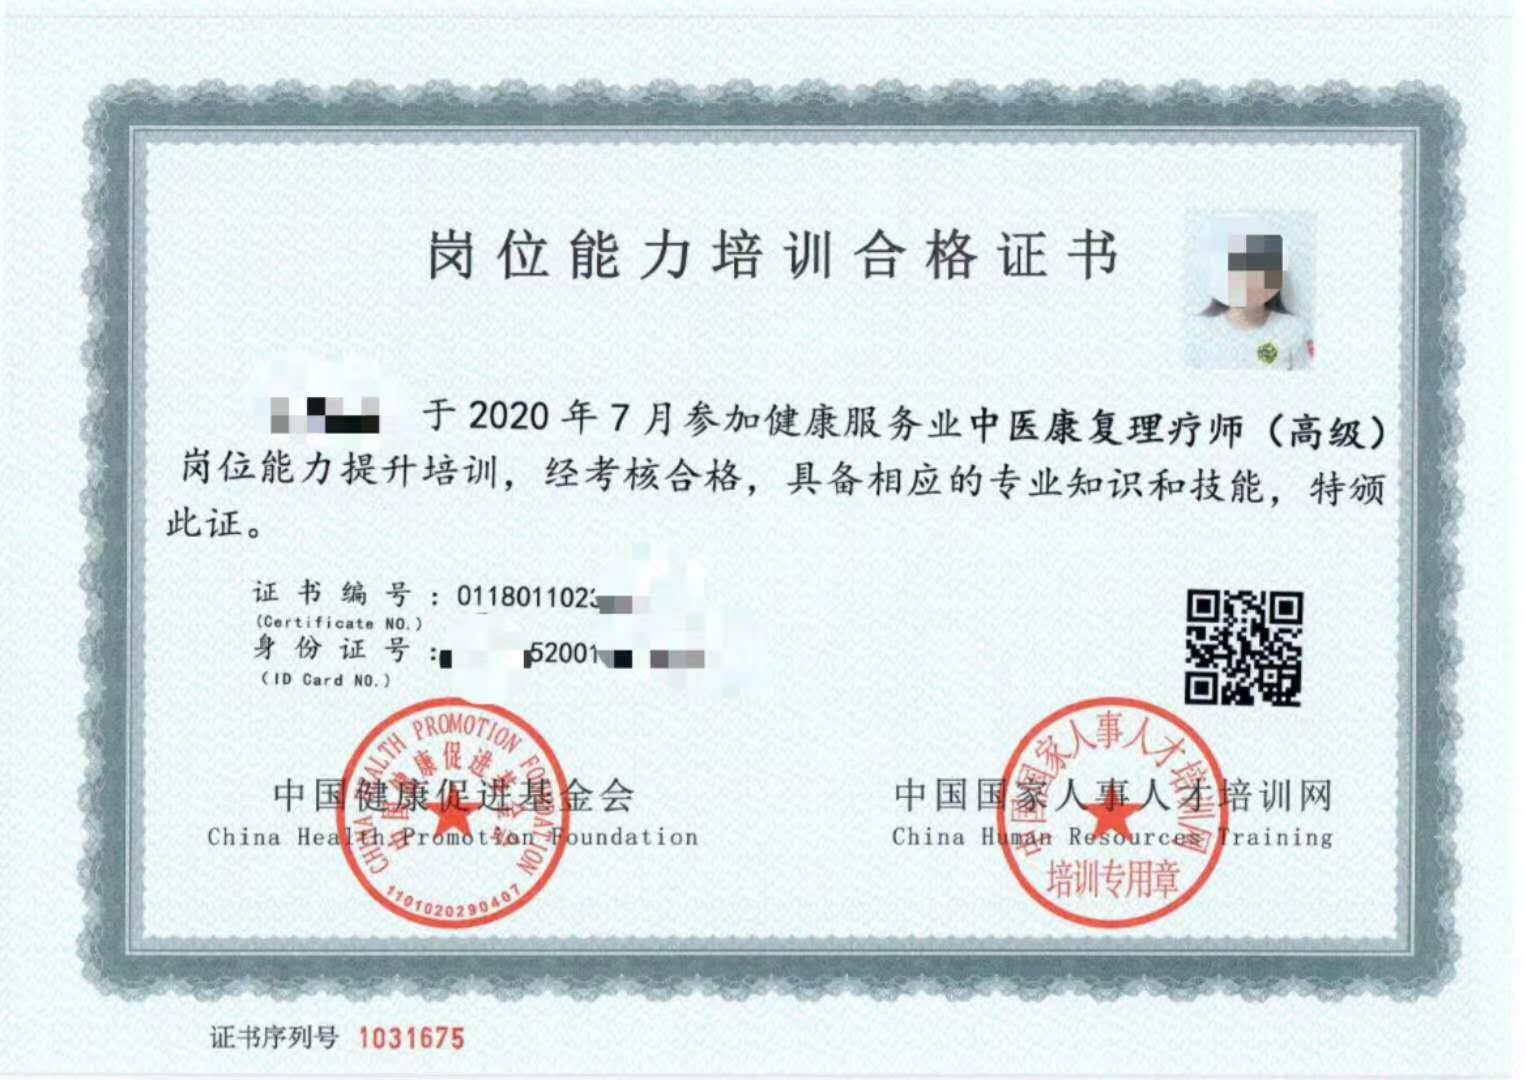 国家中医重点项目相关岗位能力证书有需要的可以来咨询咸阳中医培训学校